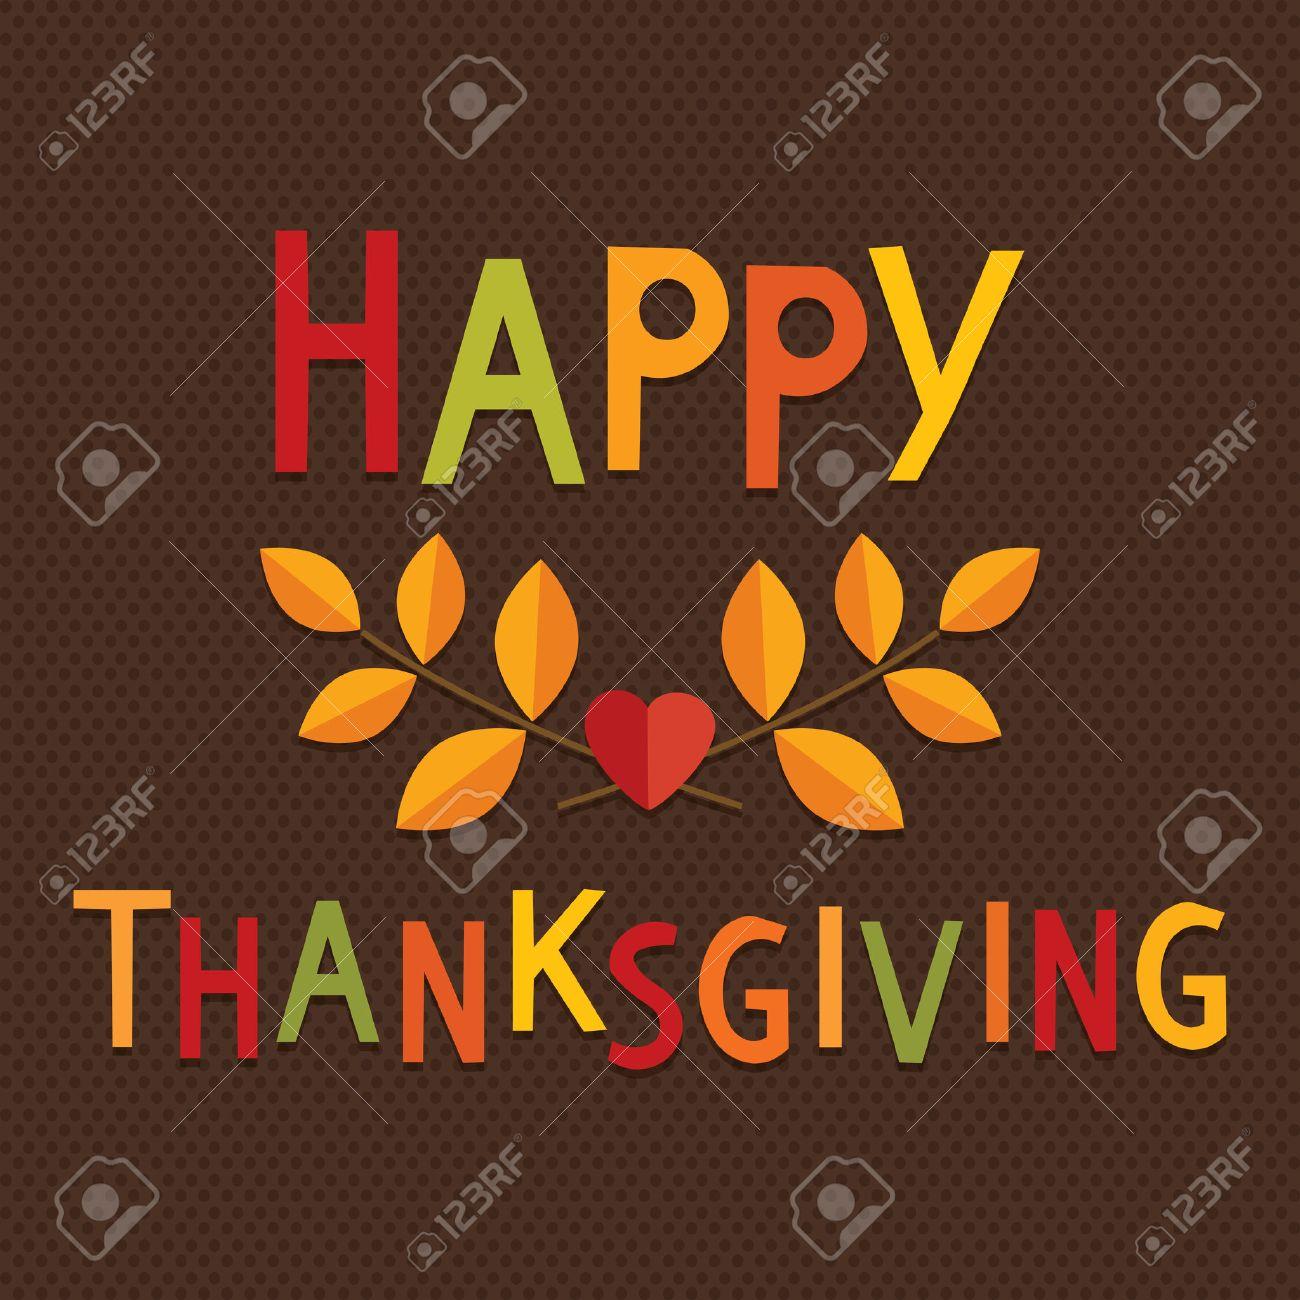 Schön Thanksgiving Truthahn Färbung Fotos - Druckbare Malvorlagen ...